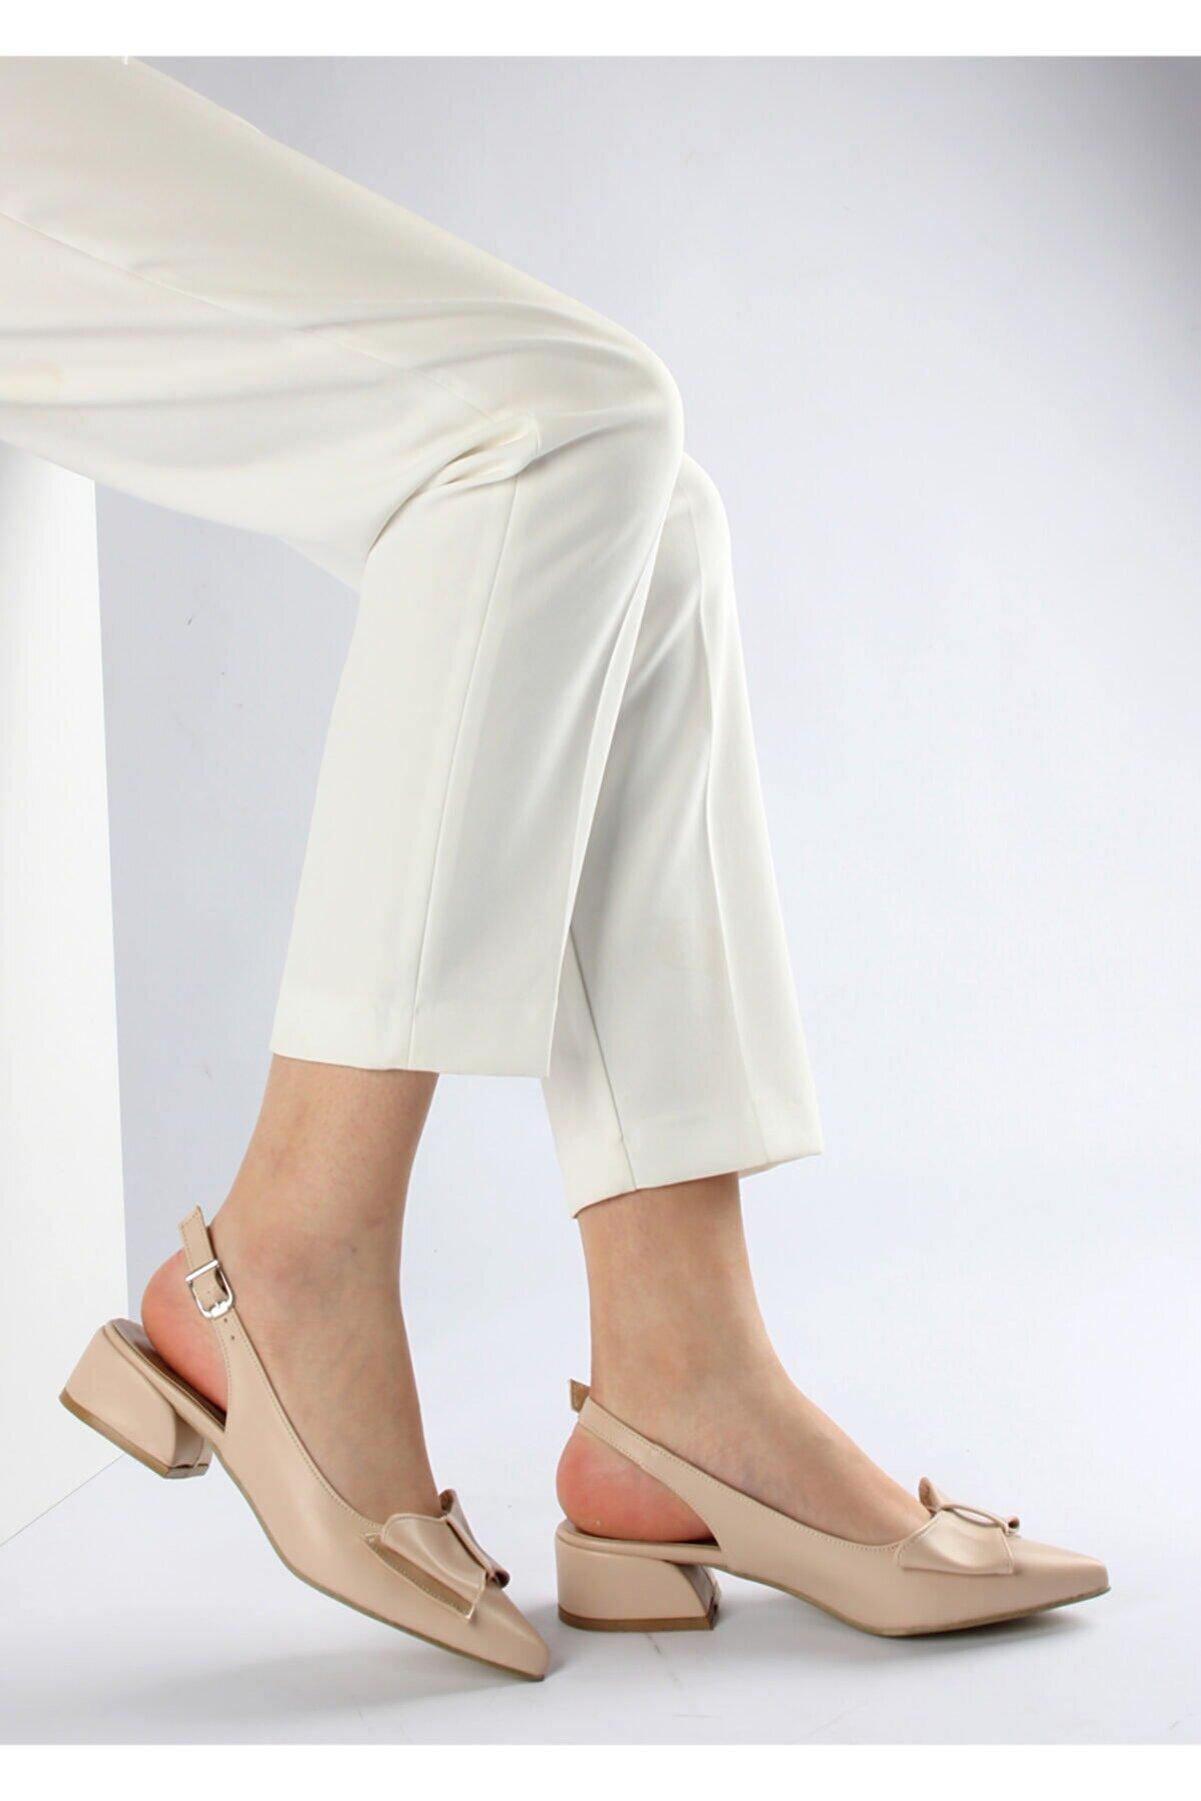 FORS SHOES Kadın Bej Cilt Fiyonklu Arkası Açık Topuklu Ayakkabı